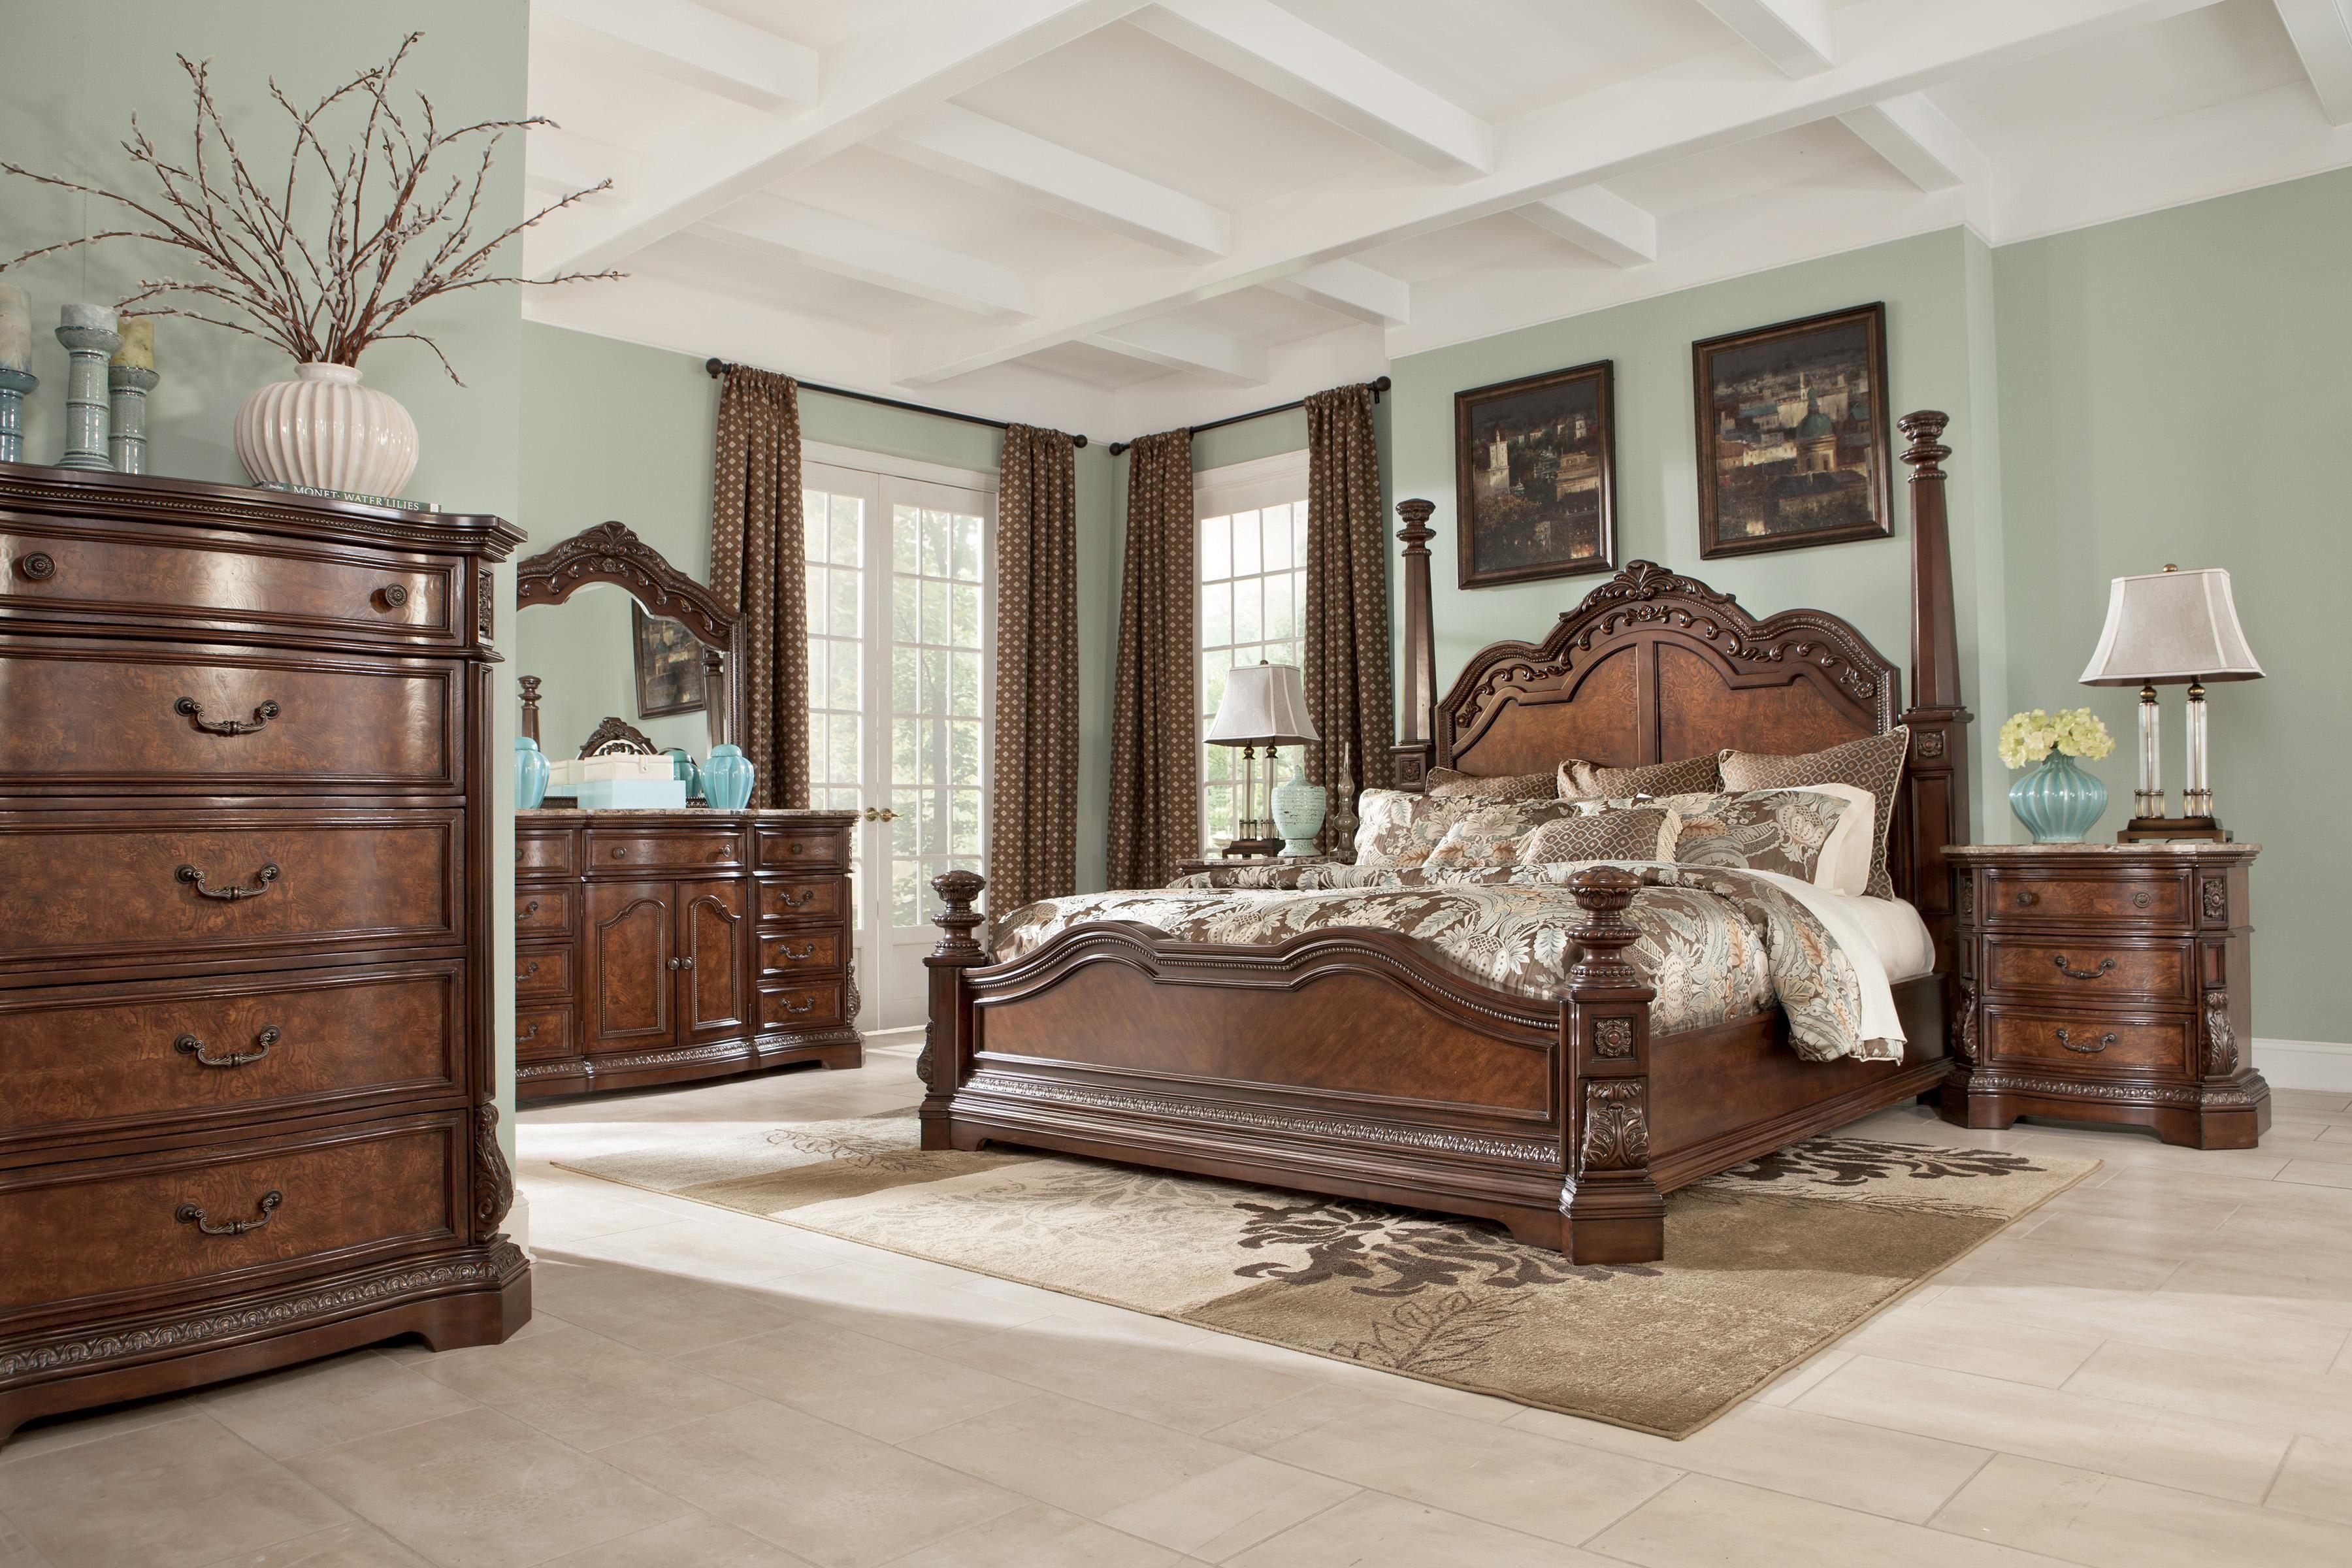 Ledelle sleigh bedroom set king bedroom sets pinterest bedrooms